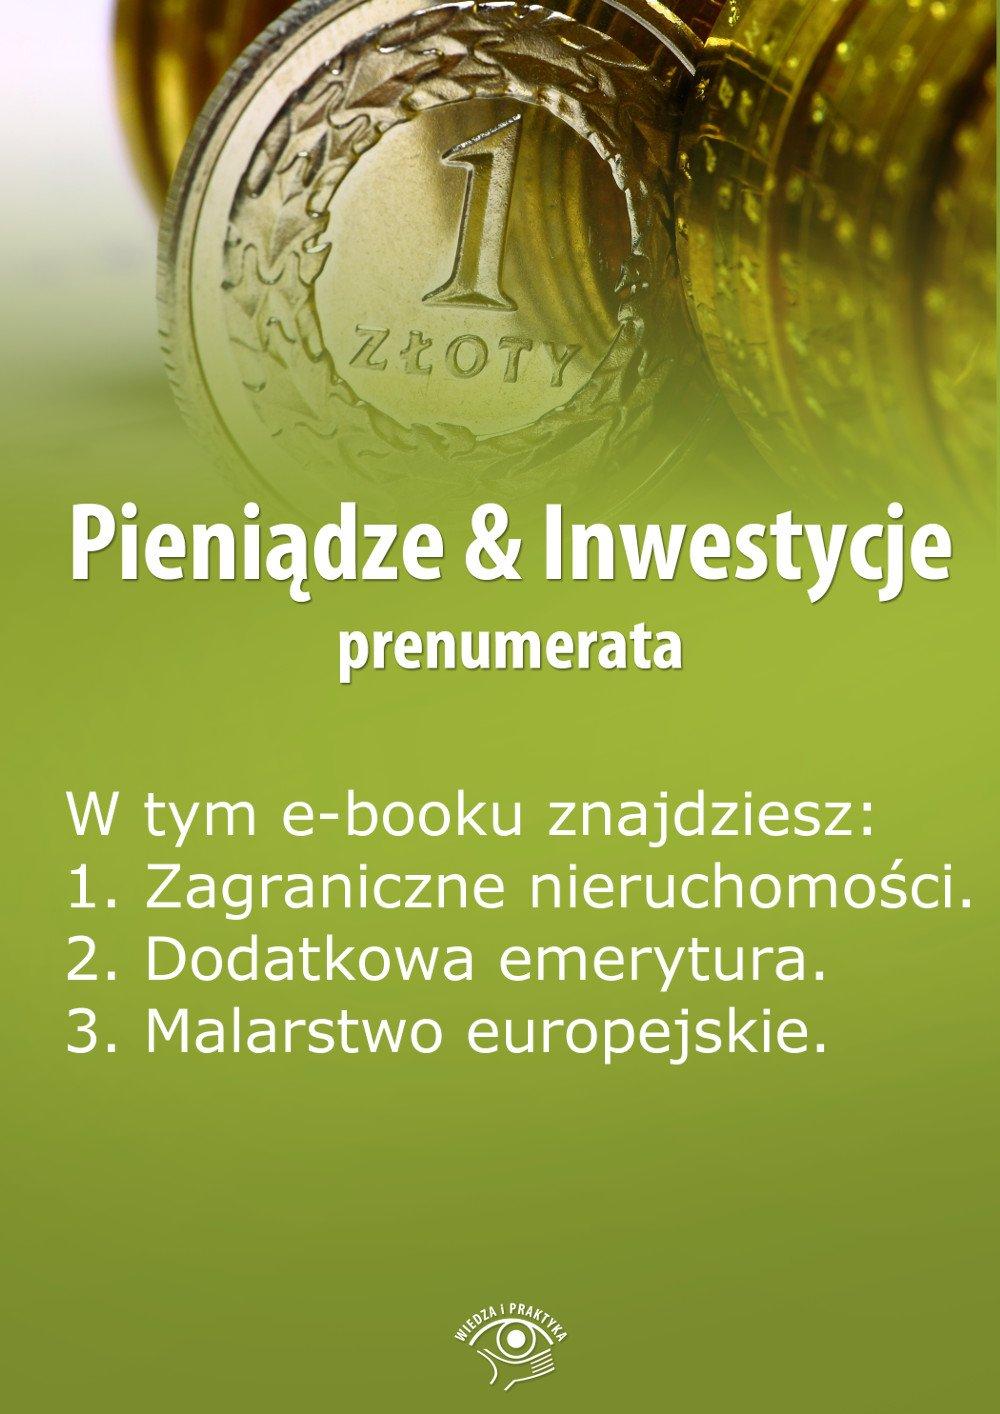 Pieniądze & Inwestycje. Wydanie maj 2014 r. - Ebook (Książka EPUB) do pobrania w formacie EPUB